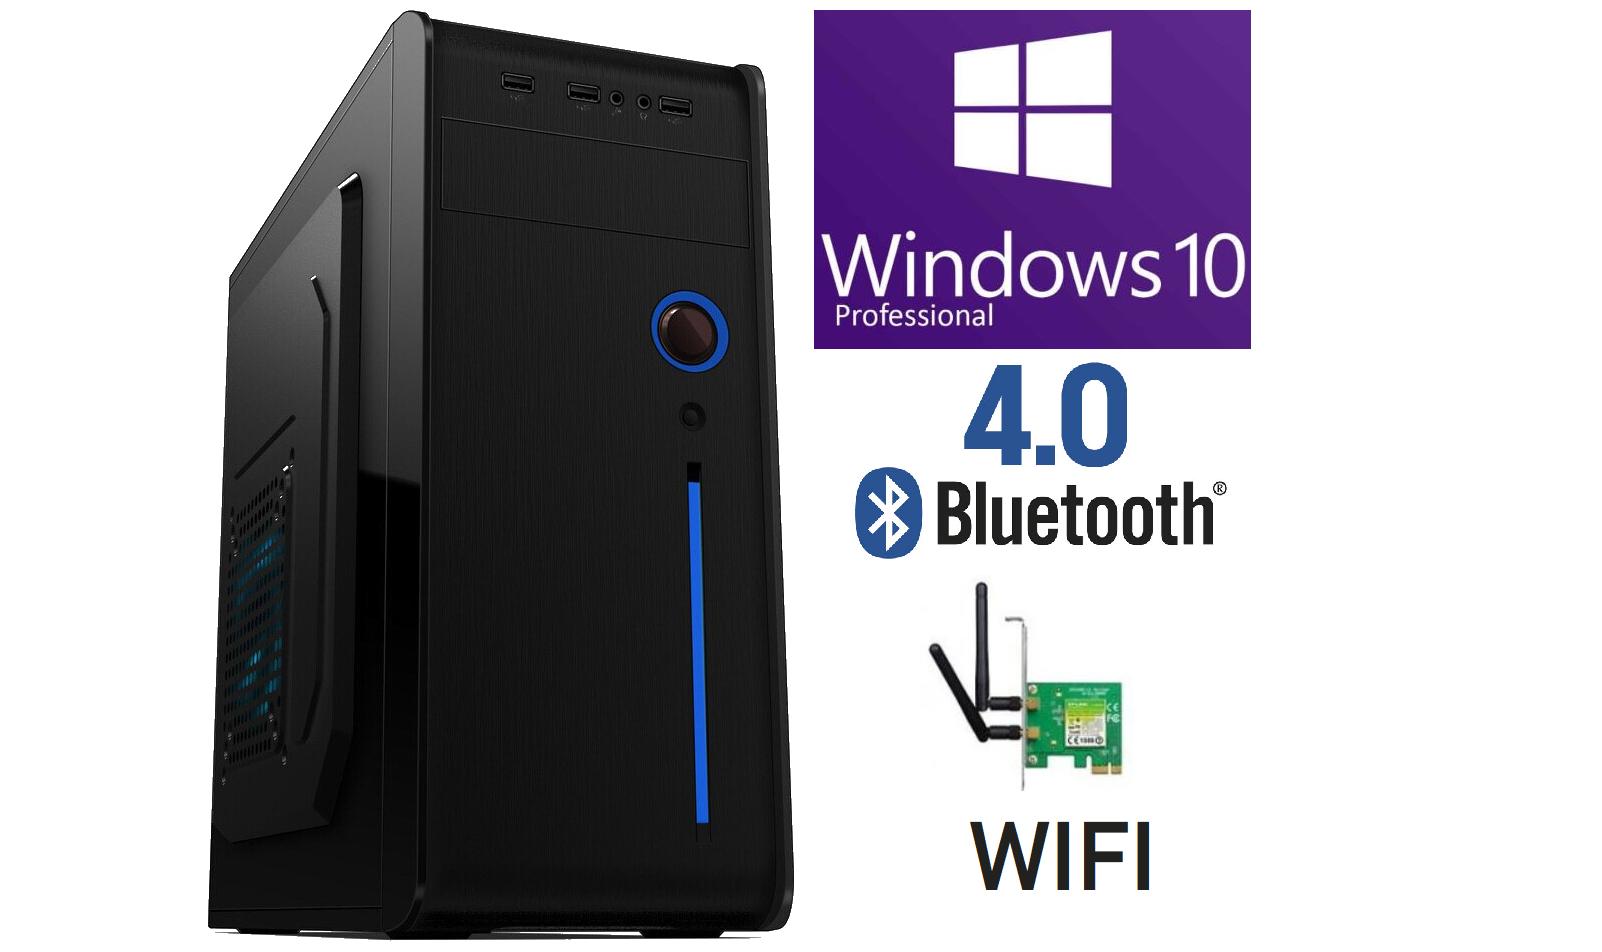 Mängur-Kontor-Video-Arvuti-i5-i3-9100F-8-16GB-RAM-480GB-SSD-WIFI-BLUETOOTH-RECTANGULAR